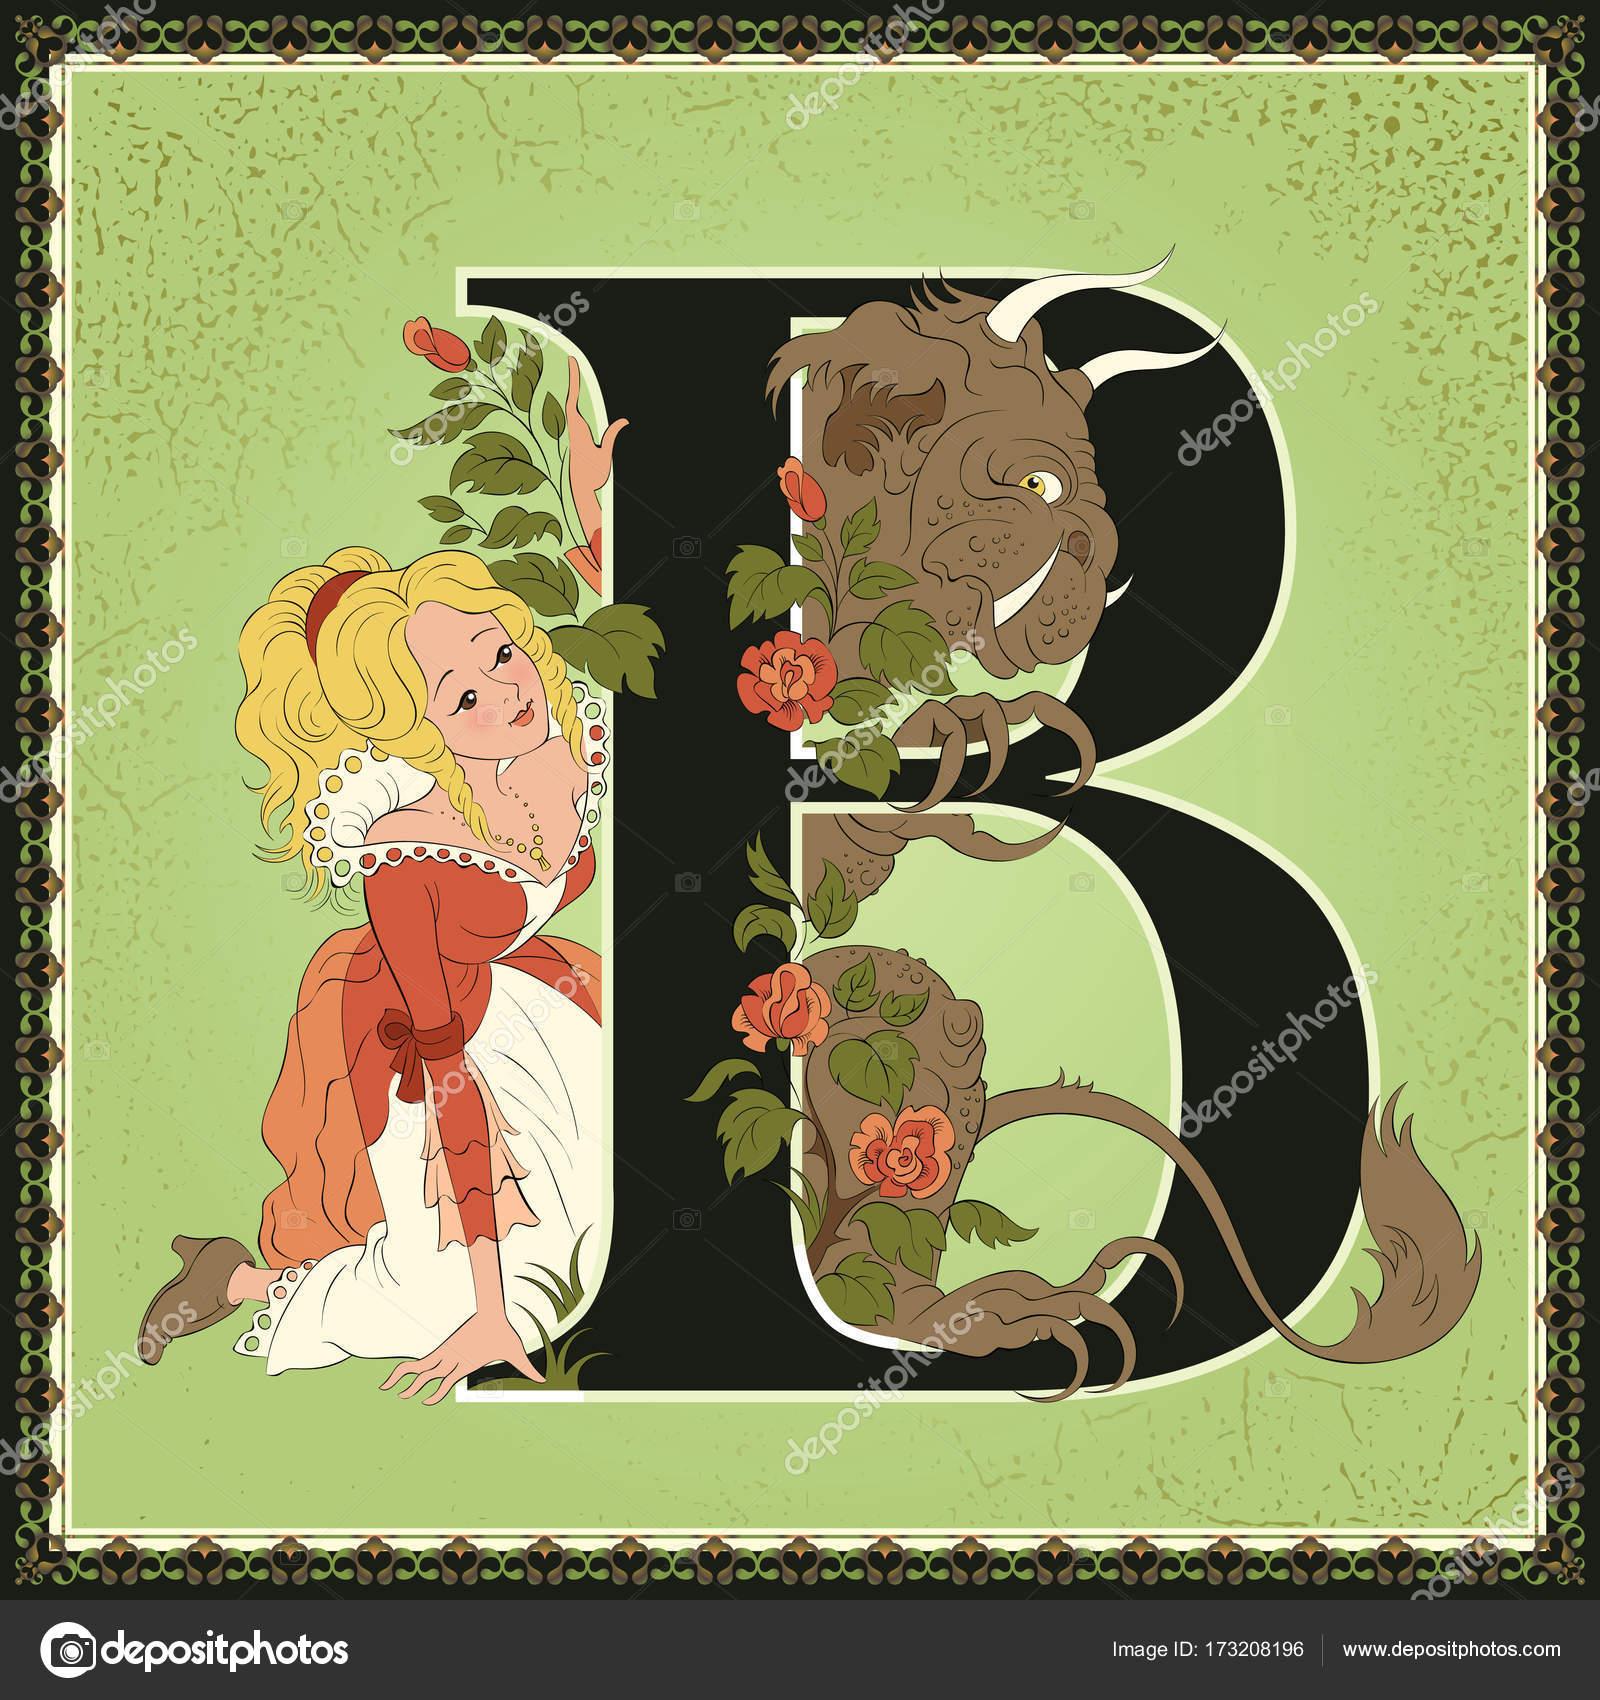 Los niños del libro alfabeto de cuento de hadas de dibujos animados ...